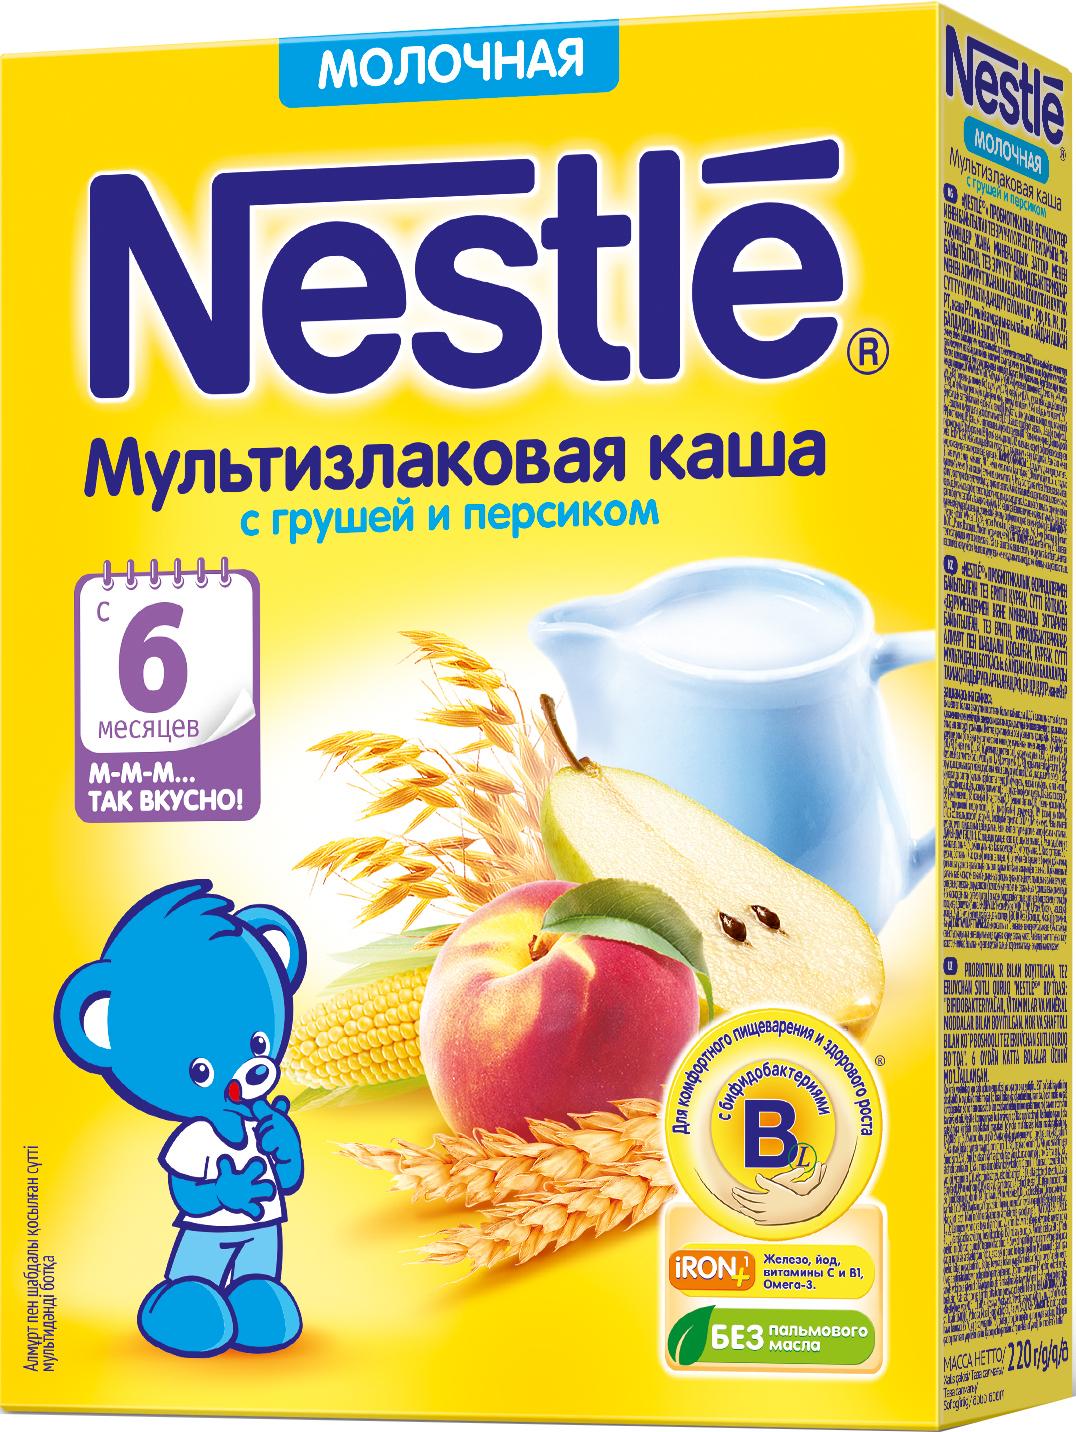 Молочные Nestle Каша молочная Nestle мультизлаковая с грушей и персиком с 6 мес. 220 г каша молочная малютка мультизлаковая с фруктами с 6 мес 220 г